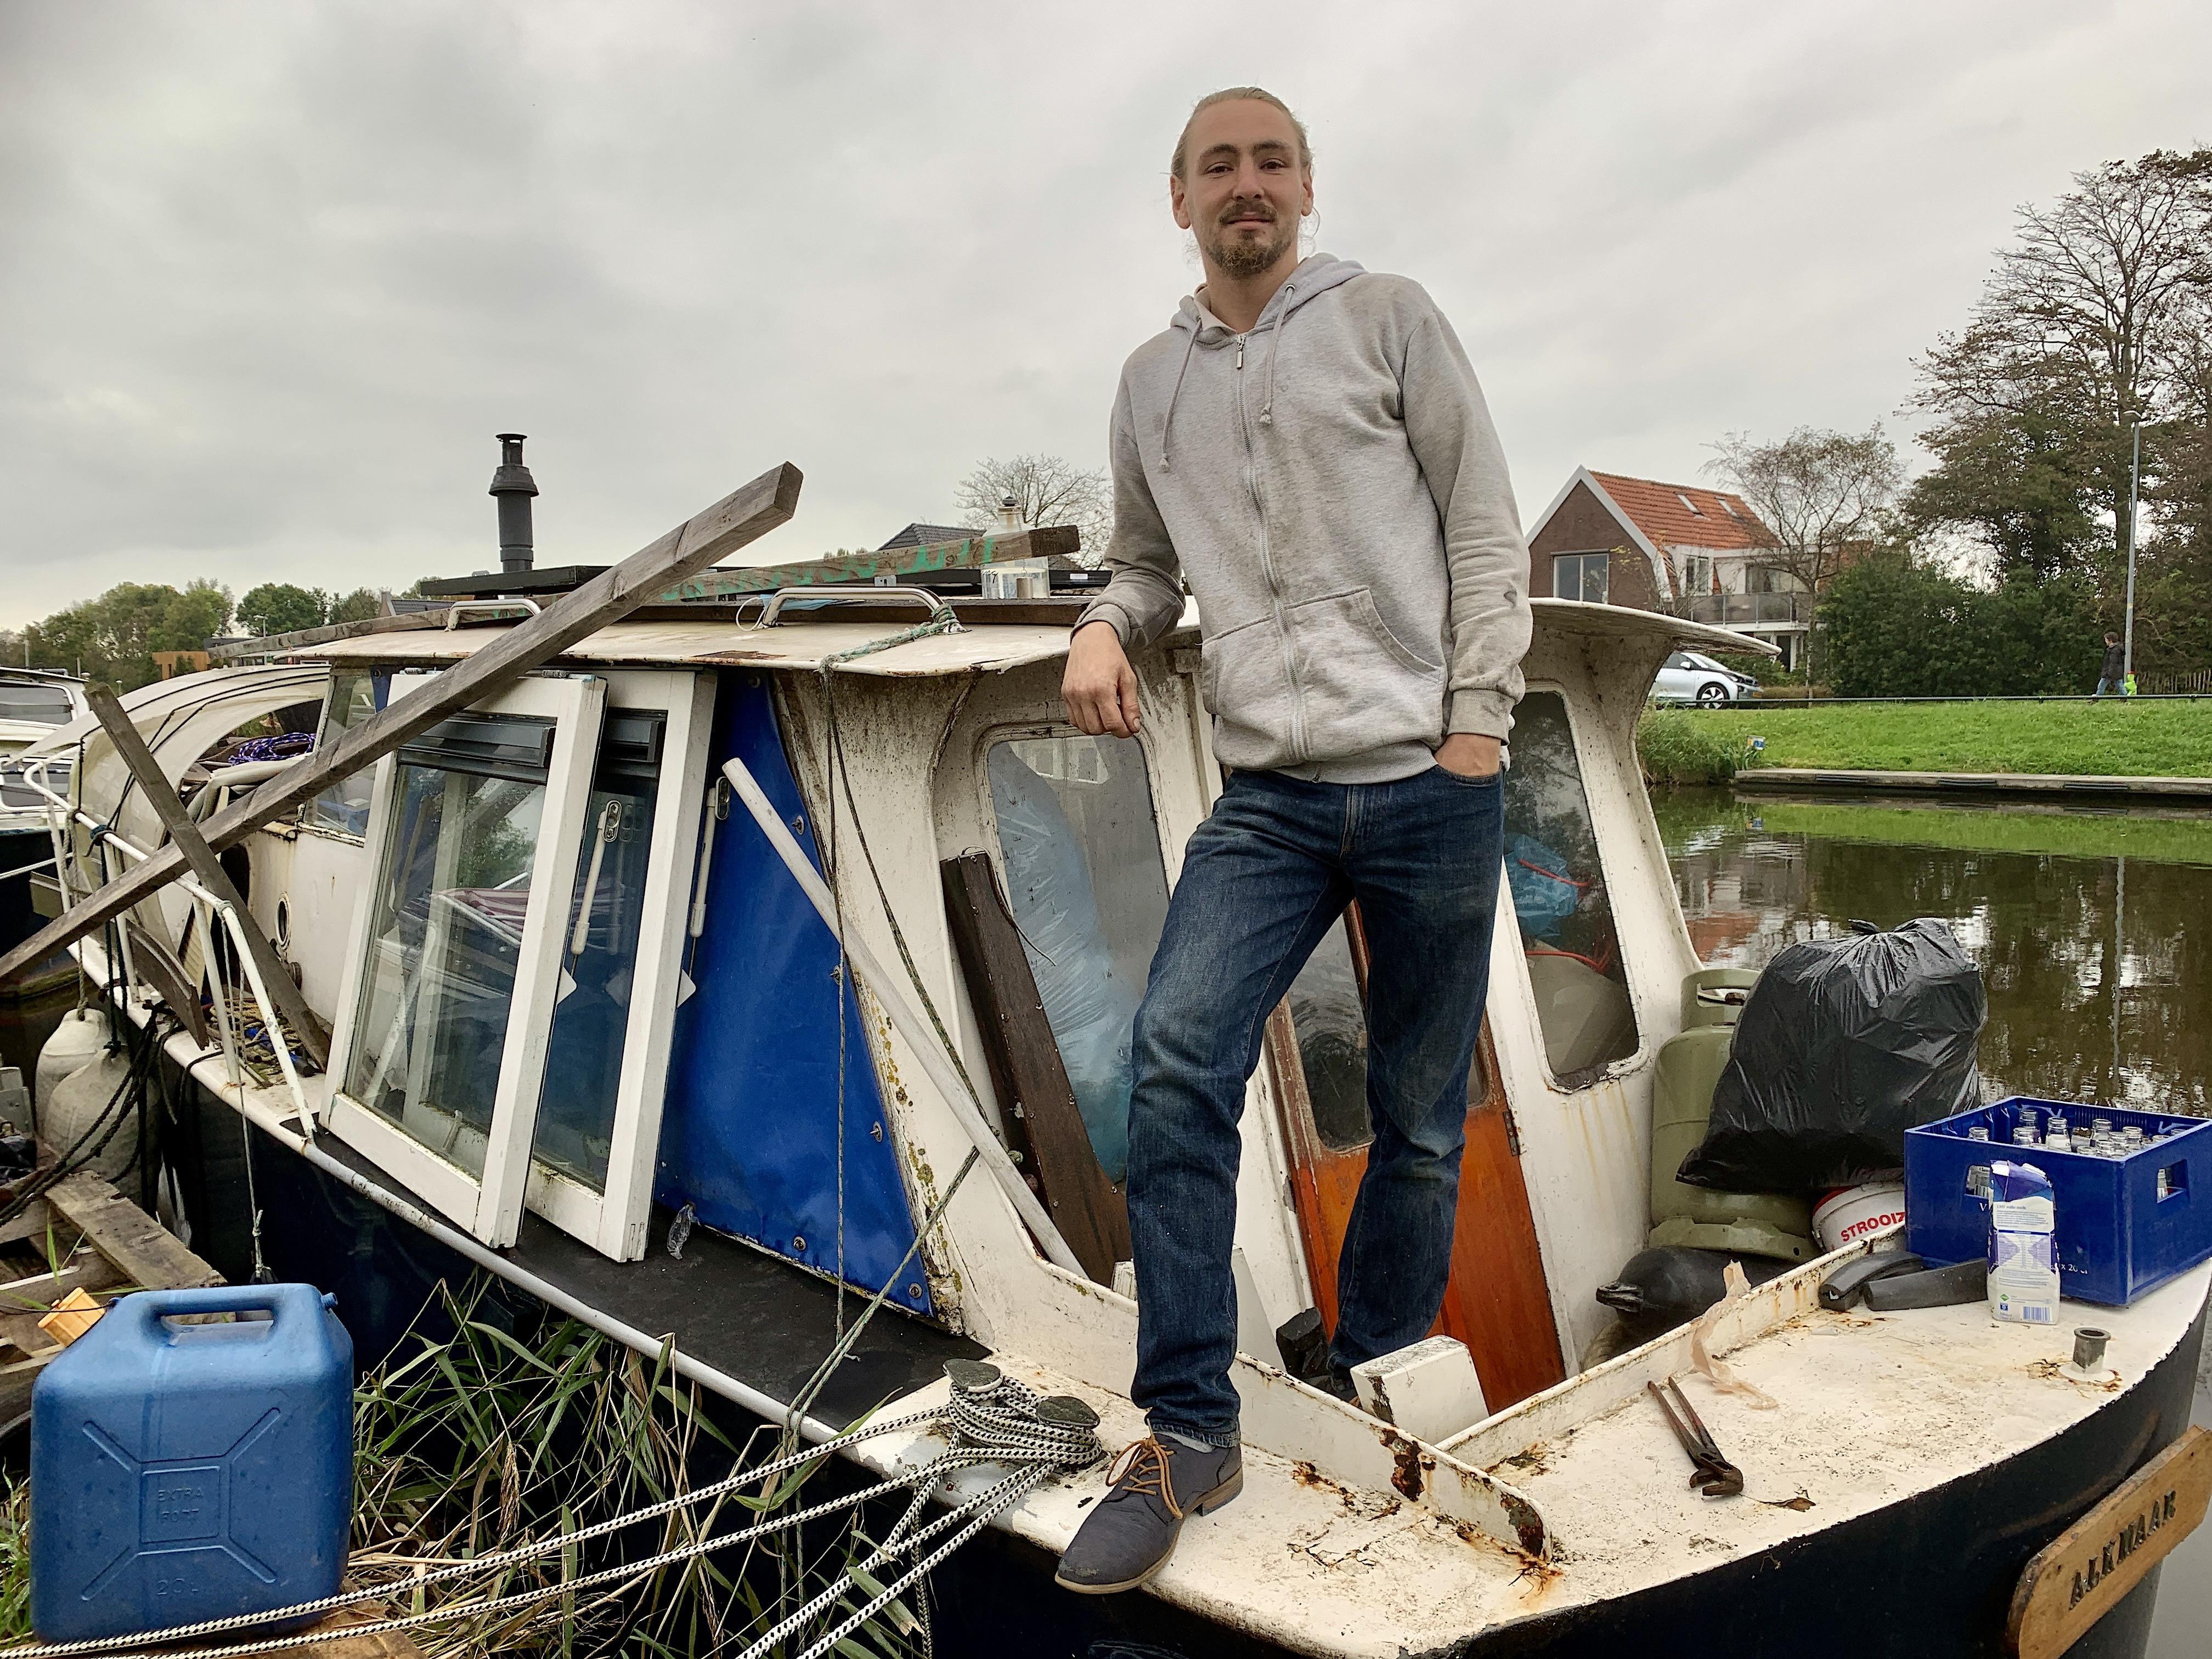 Op z'n bootje in de Hoornsevaart leidt de 27-jarige Lorenzo zijn minimalistische leven